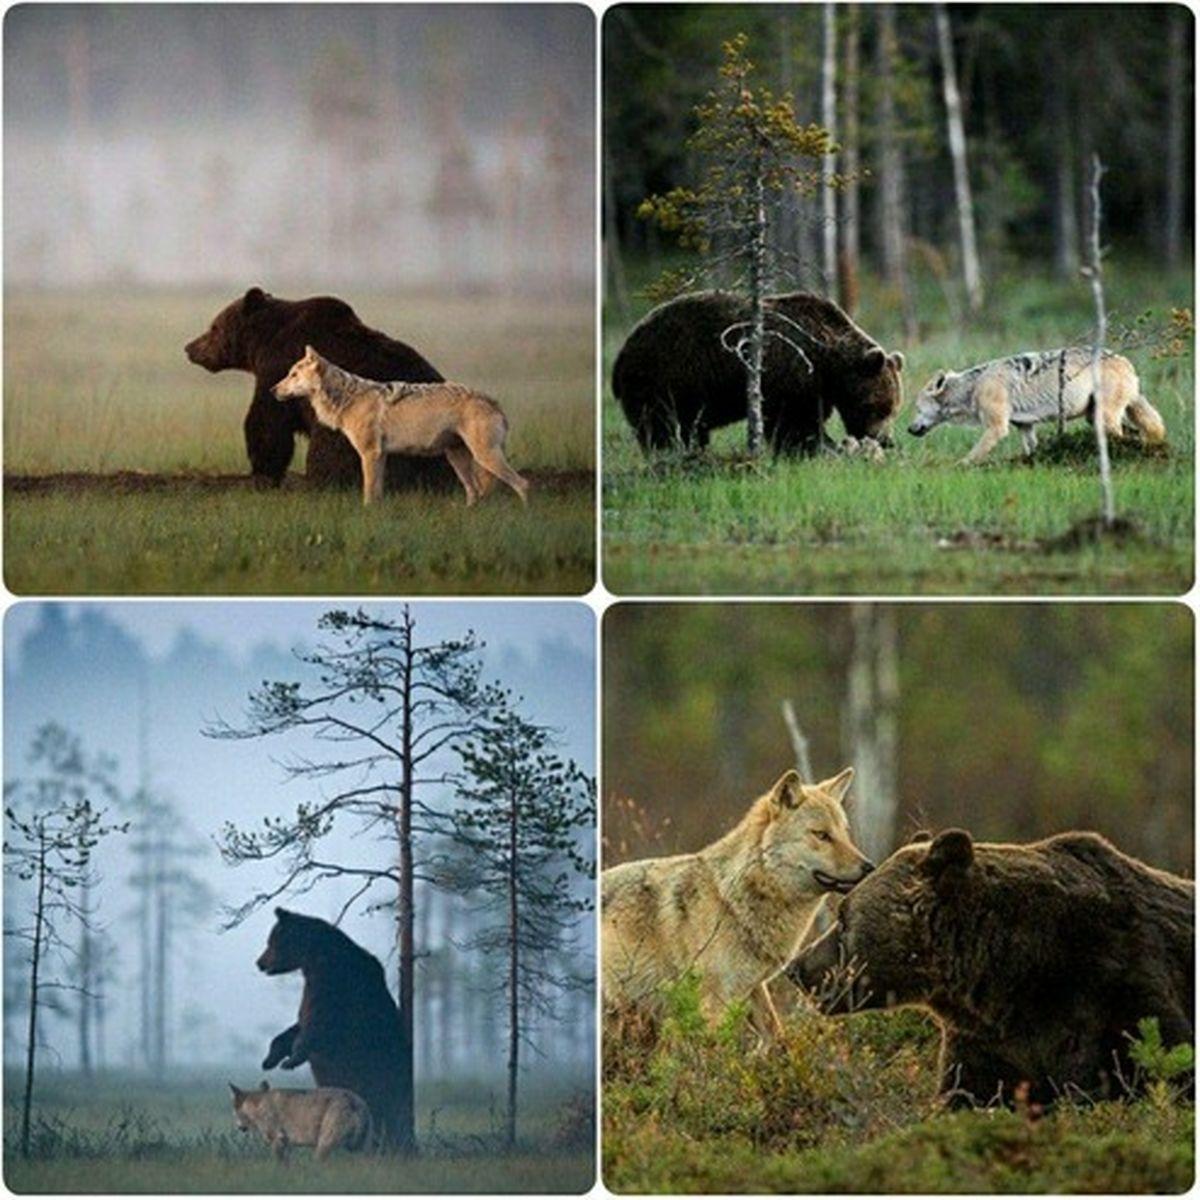 عکس: دوستی خرس قهوهای و گرگ خاکستری